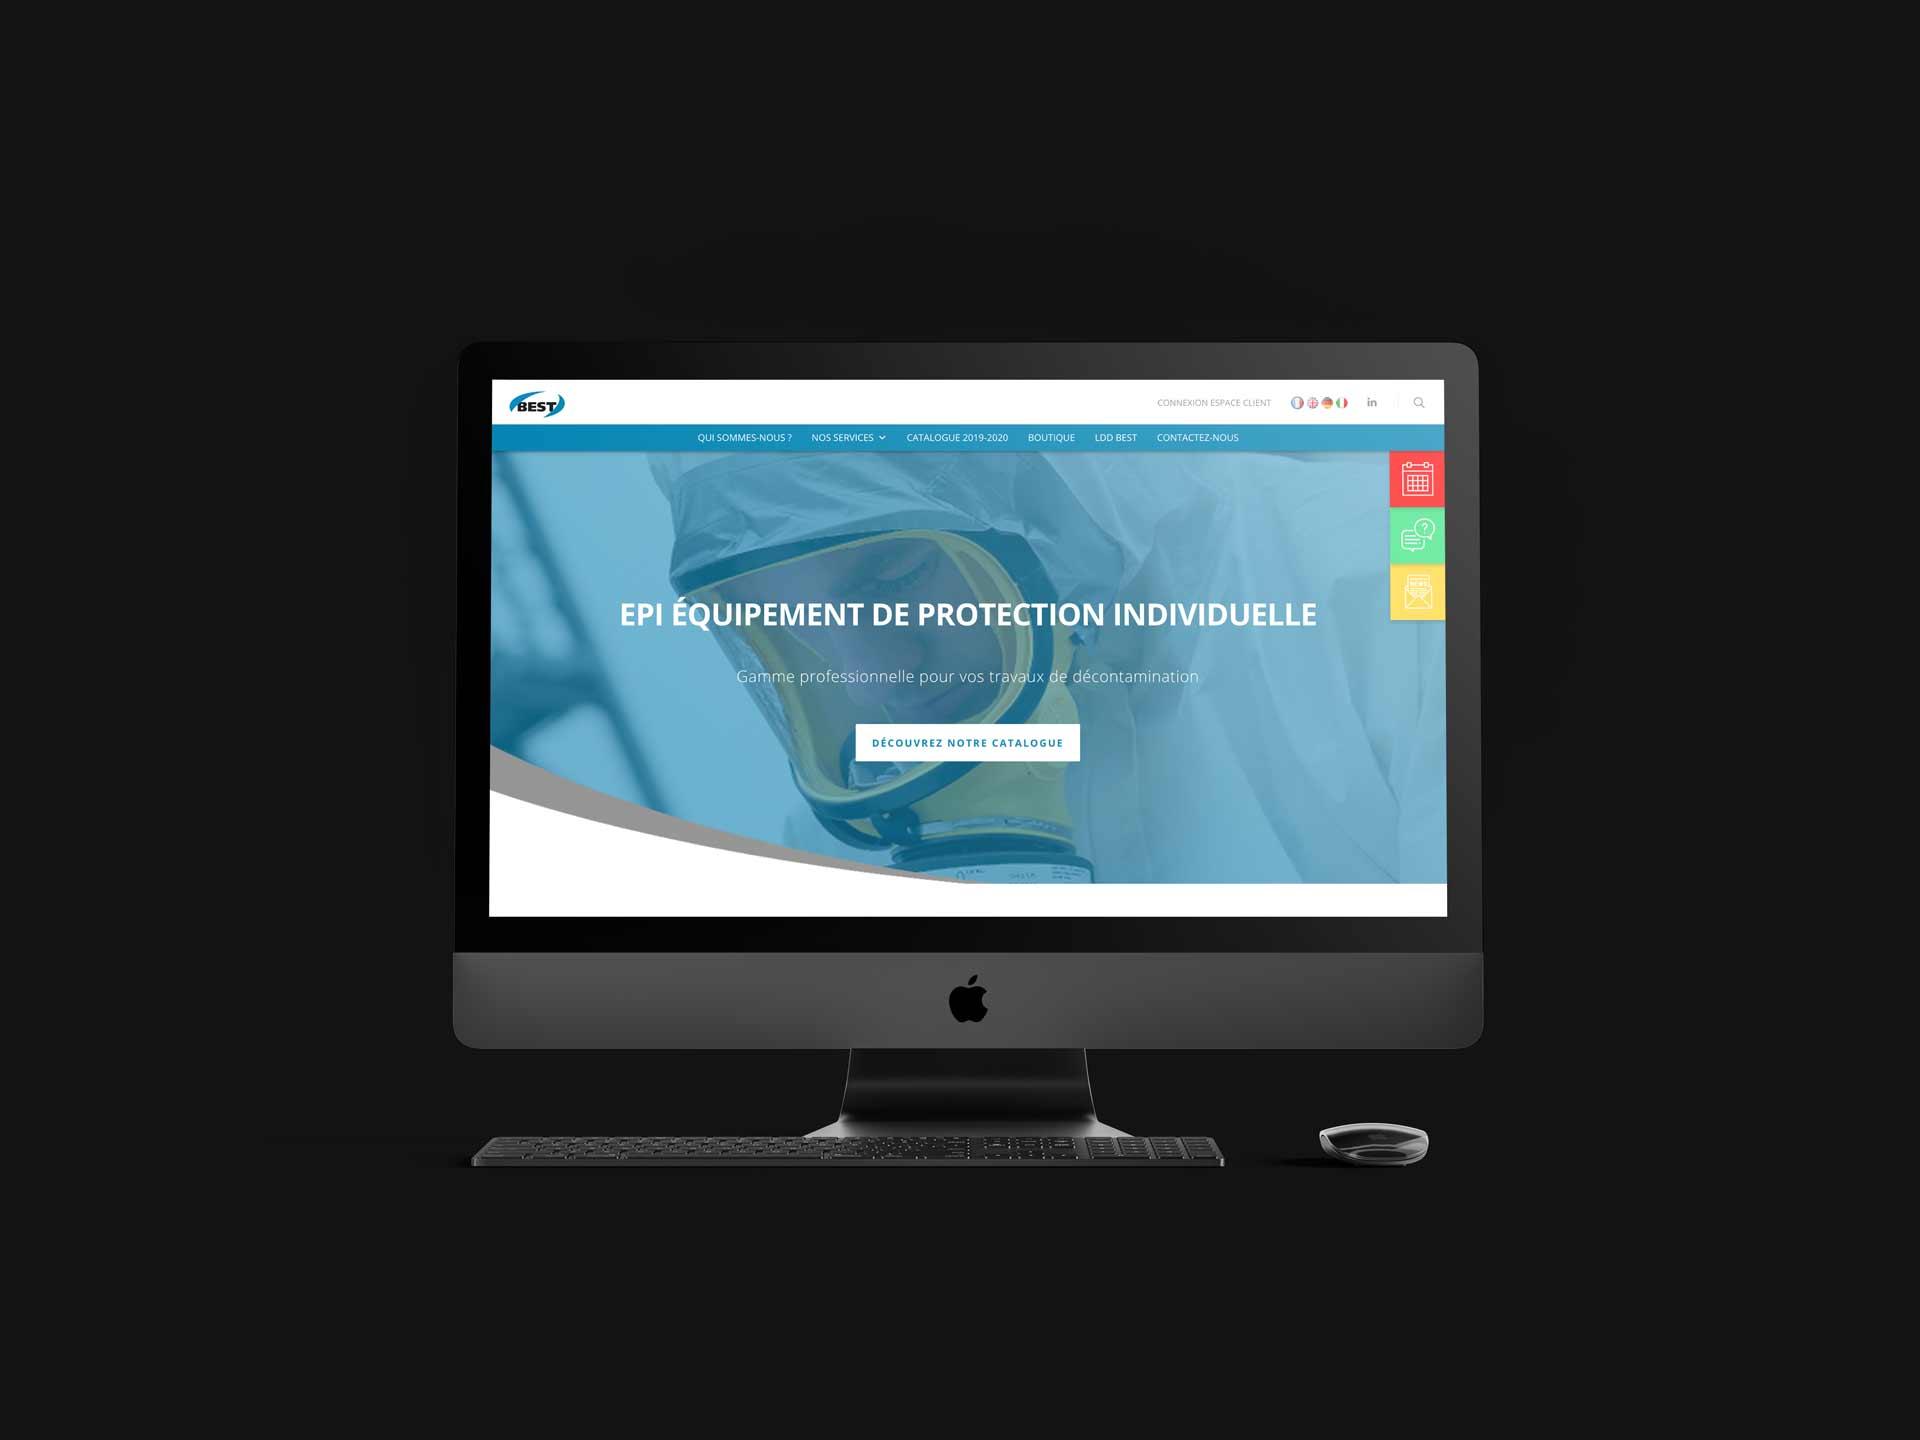 image de mise en situation du site web de BEST dans un écran d'ordinateur